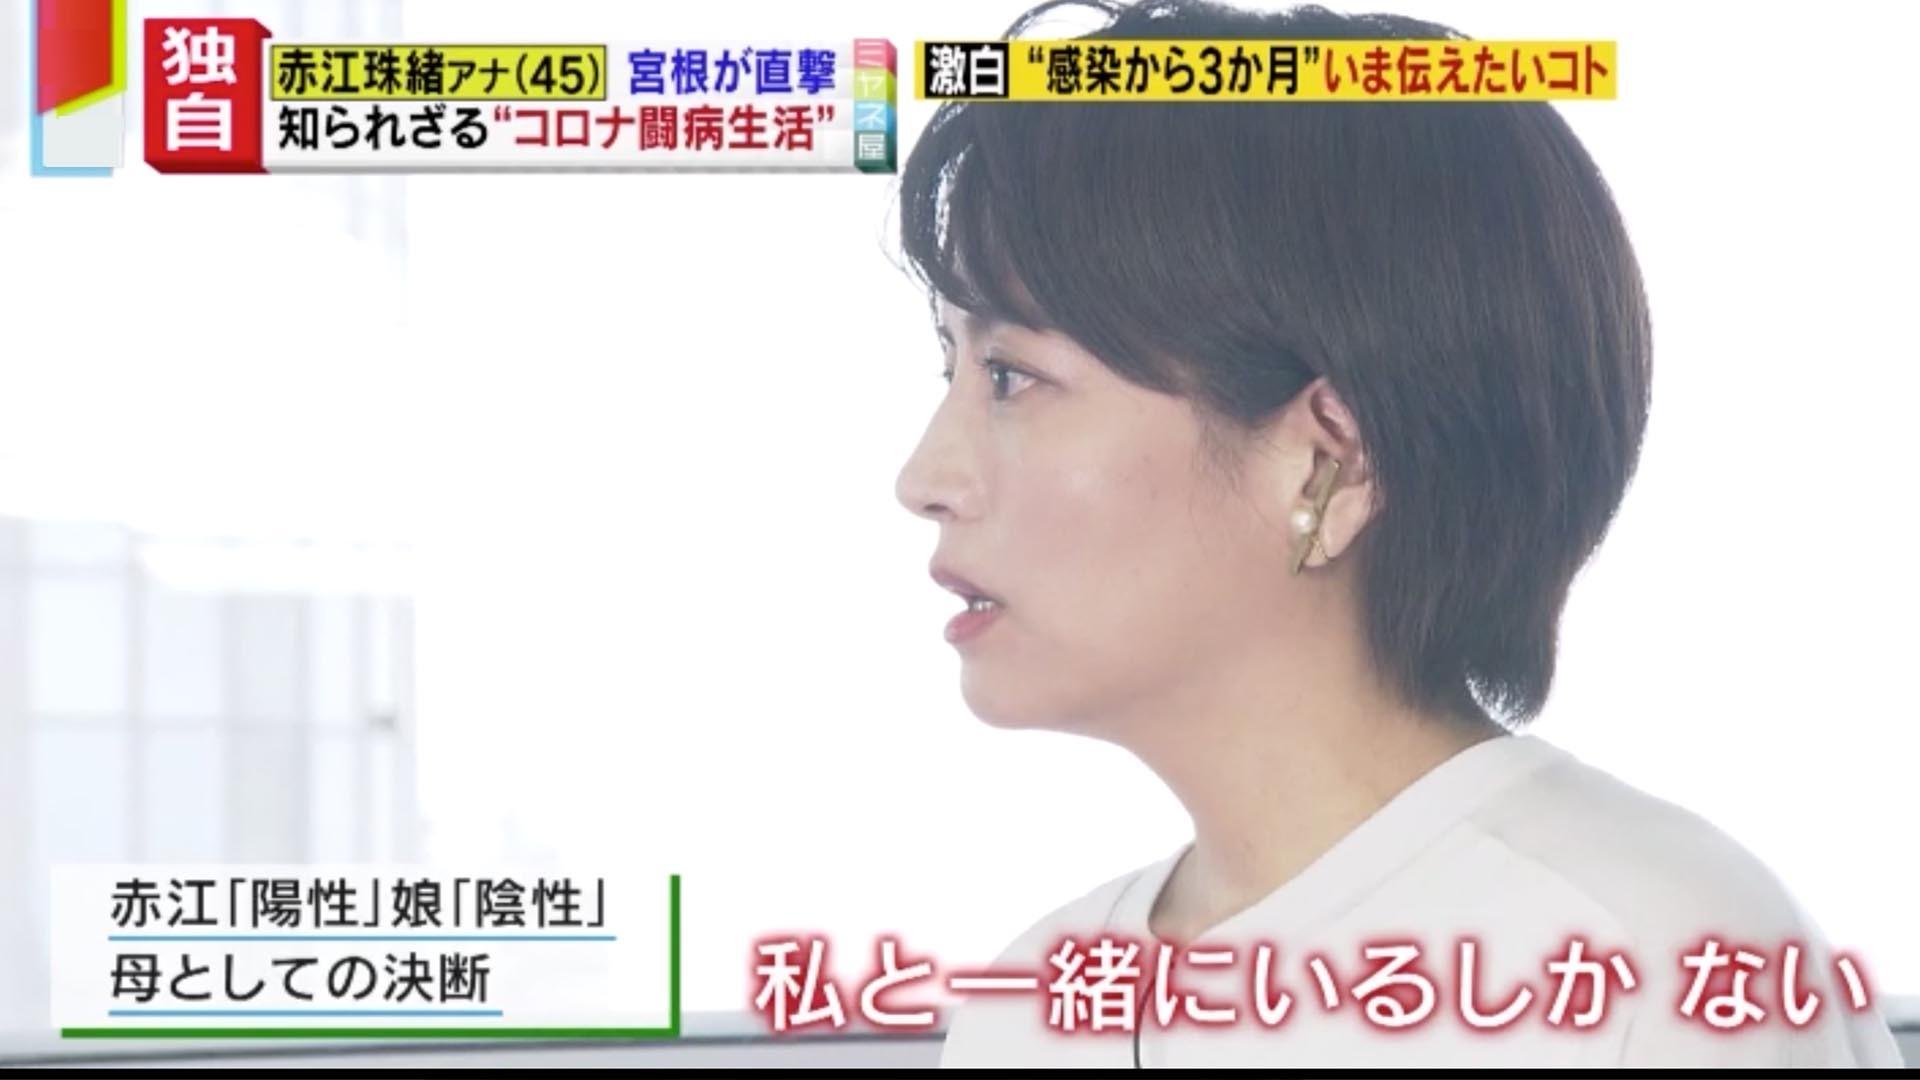 旦那 赤江 珠緒 の 赤江珠緒の旦那はテレビ朝日社員で名前は?子供はいる?